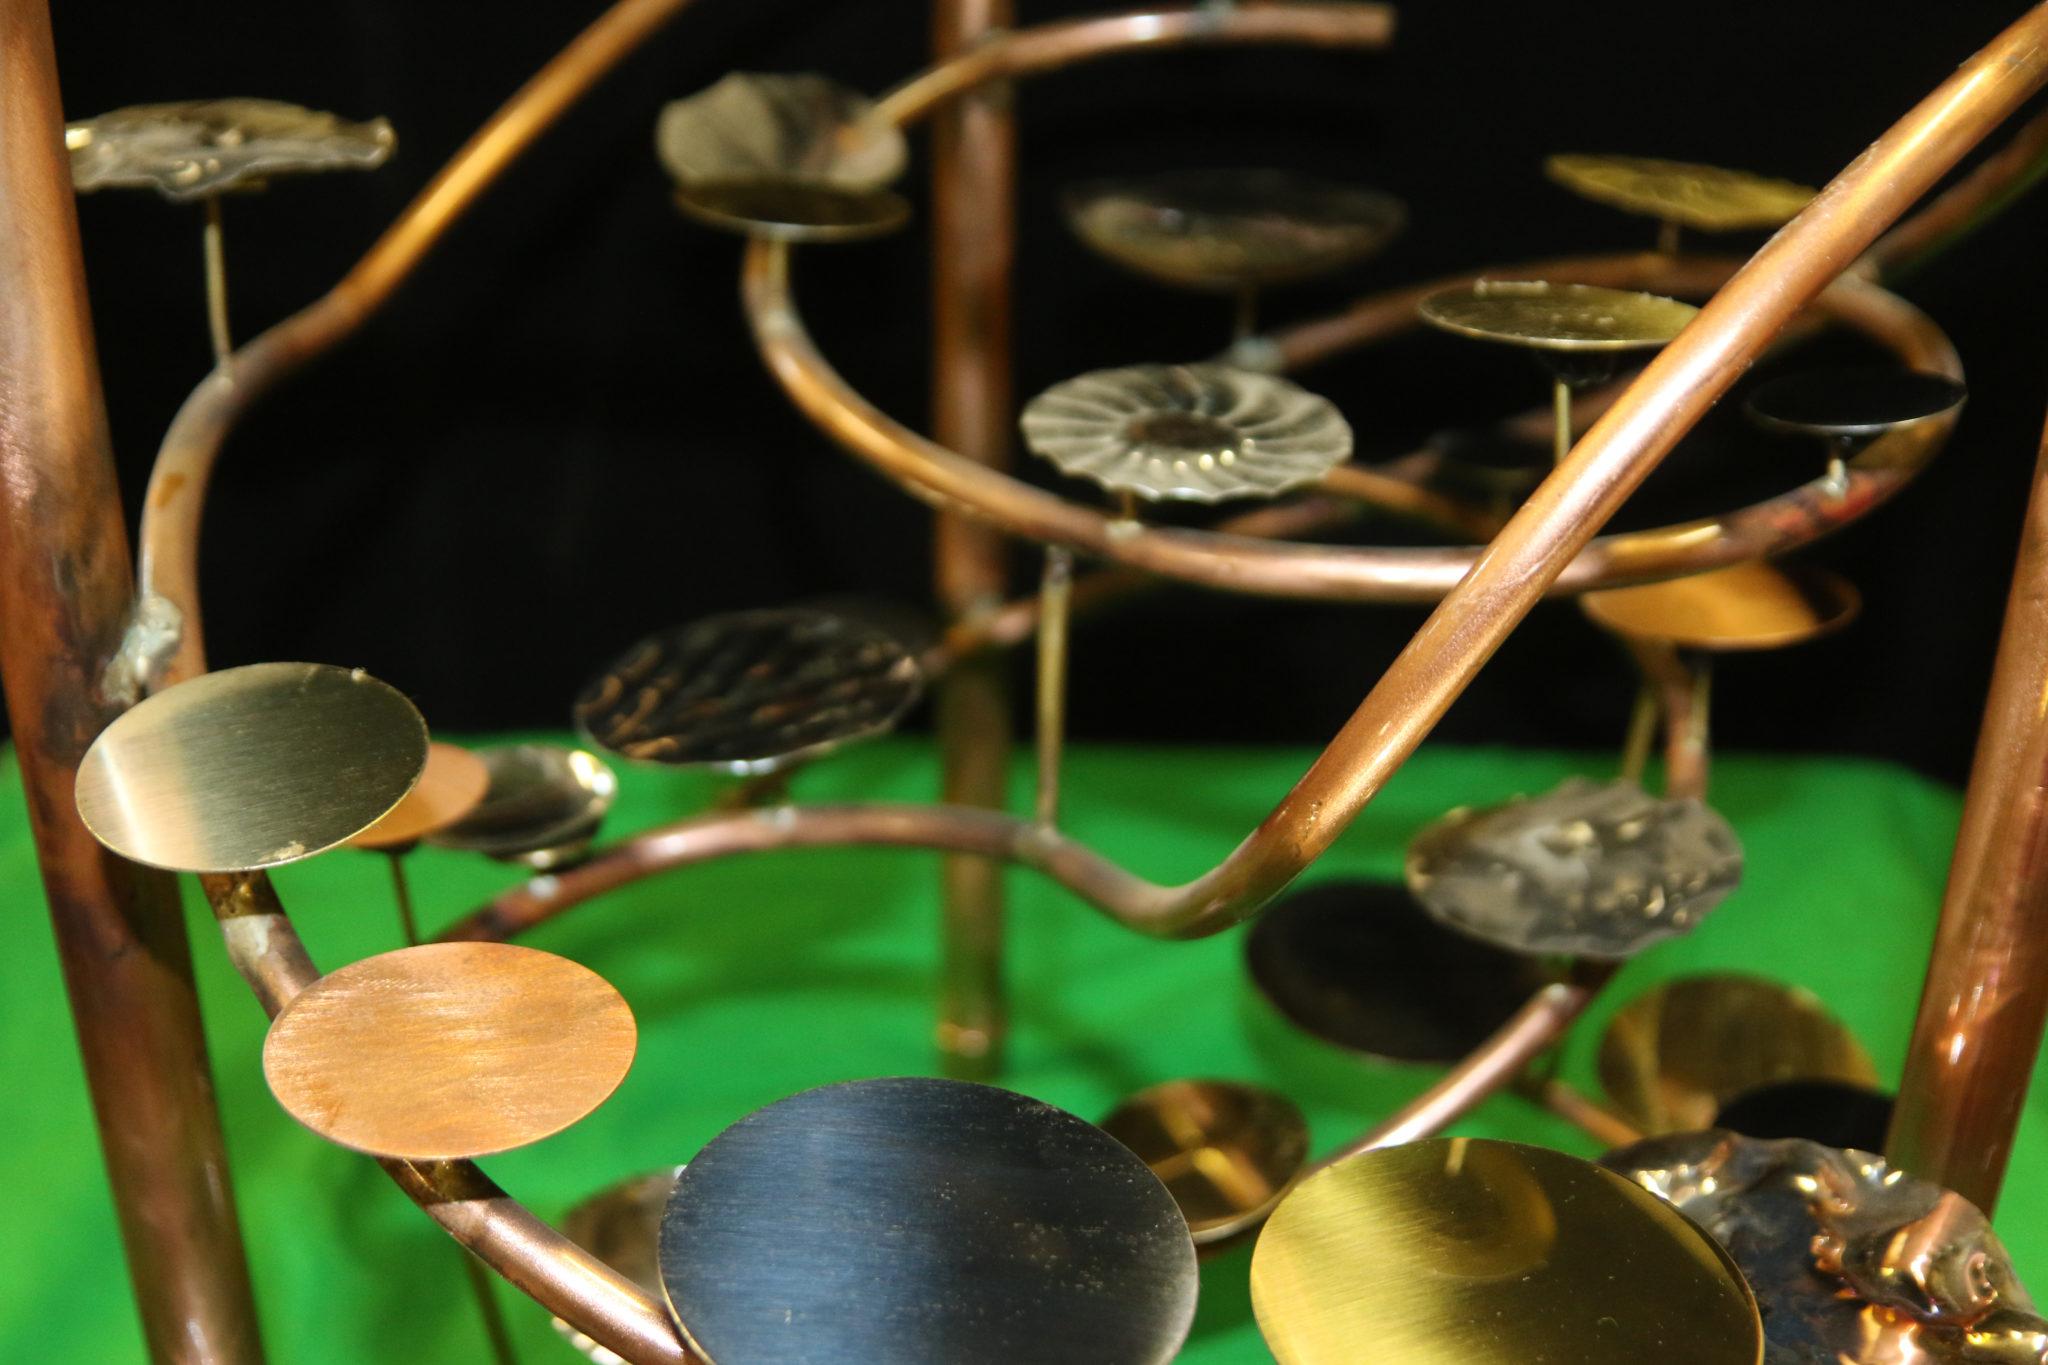 Kali Table Discs